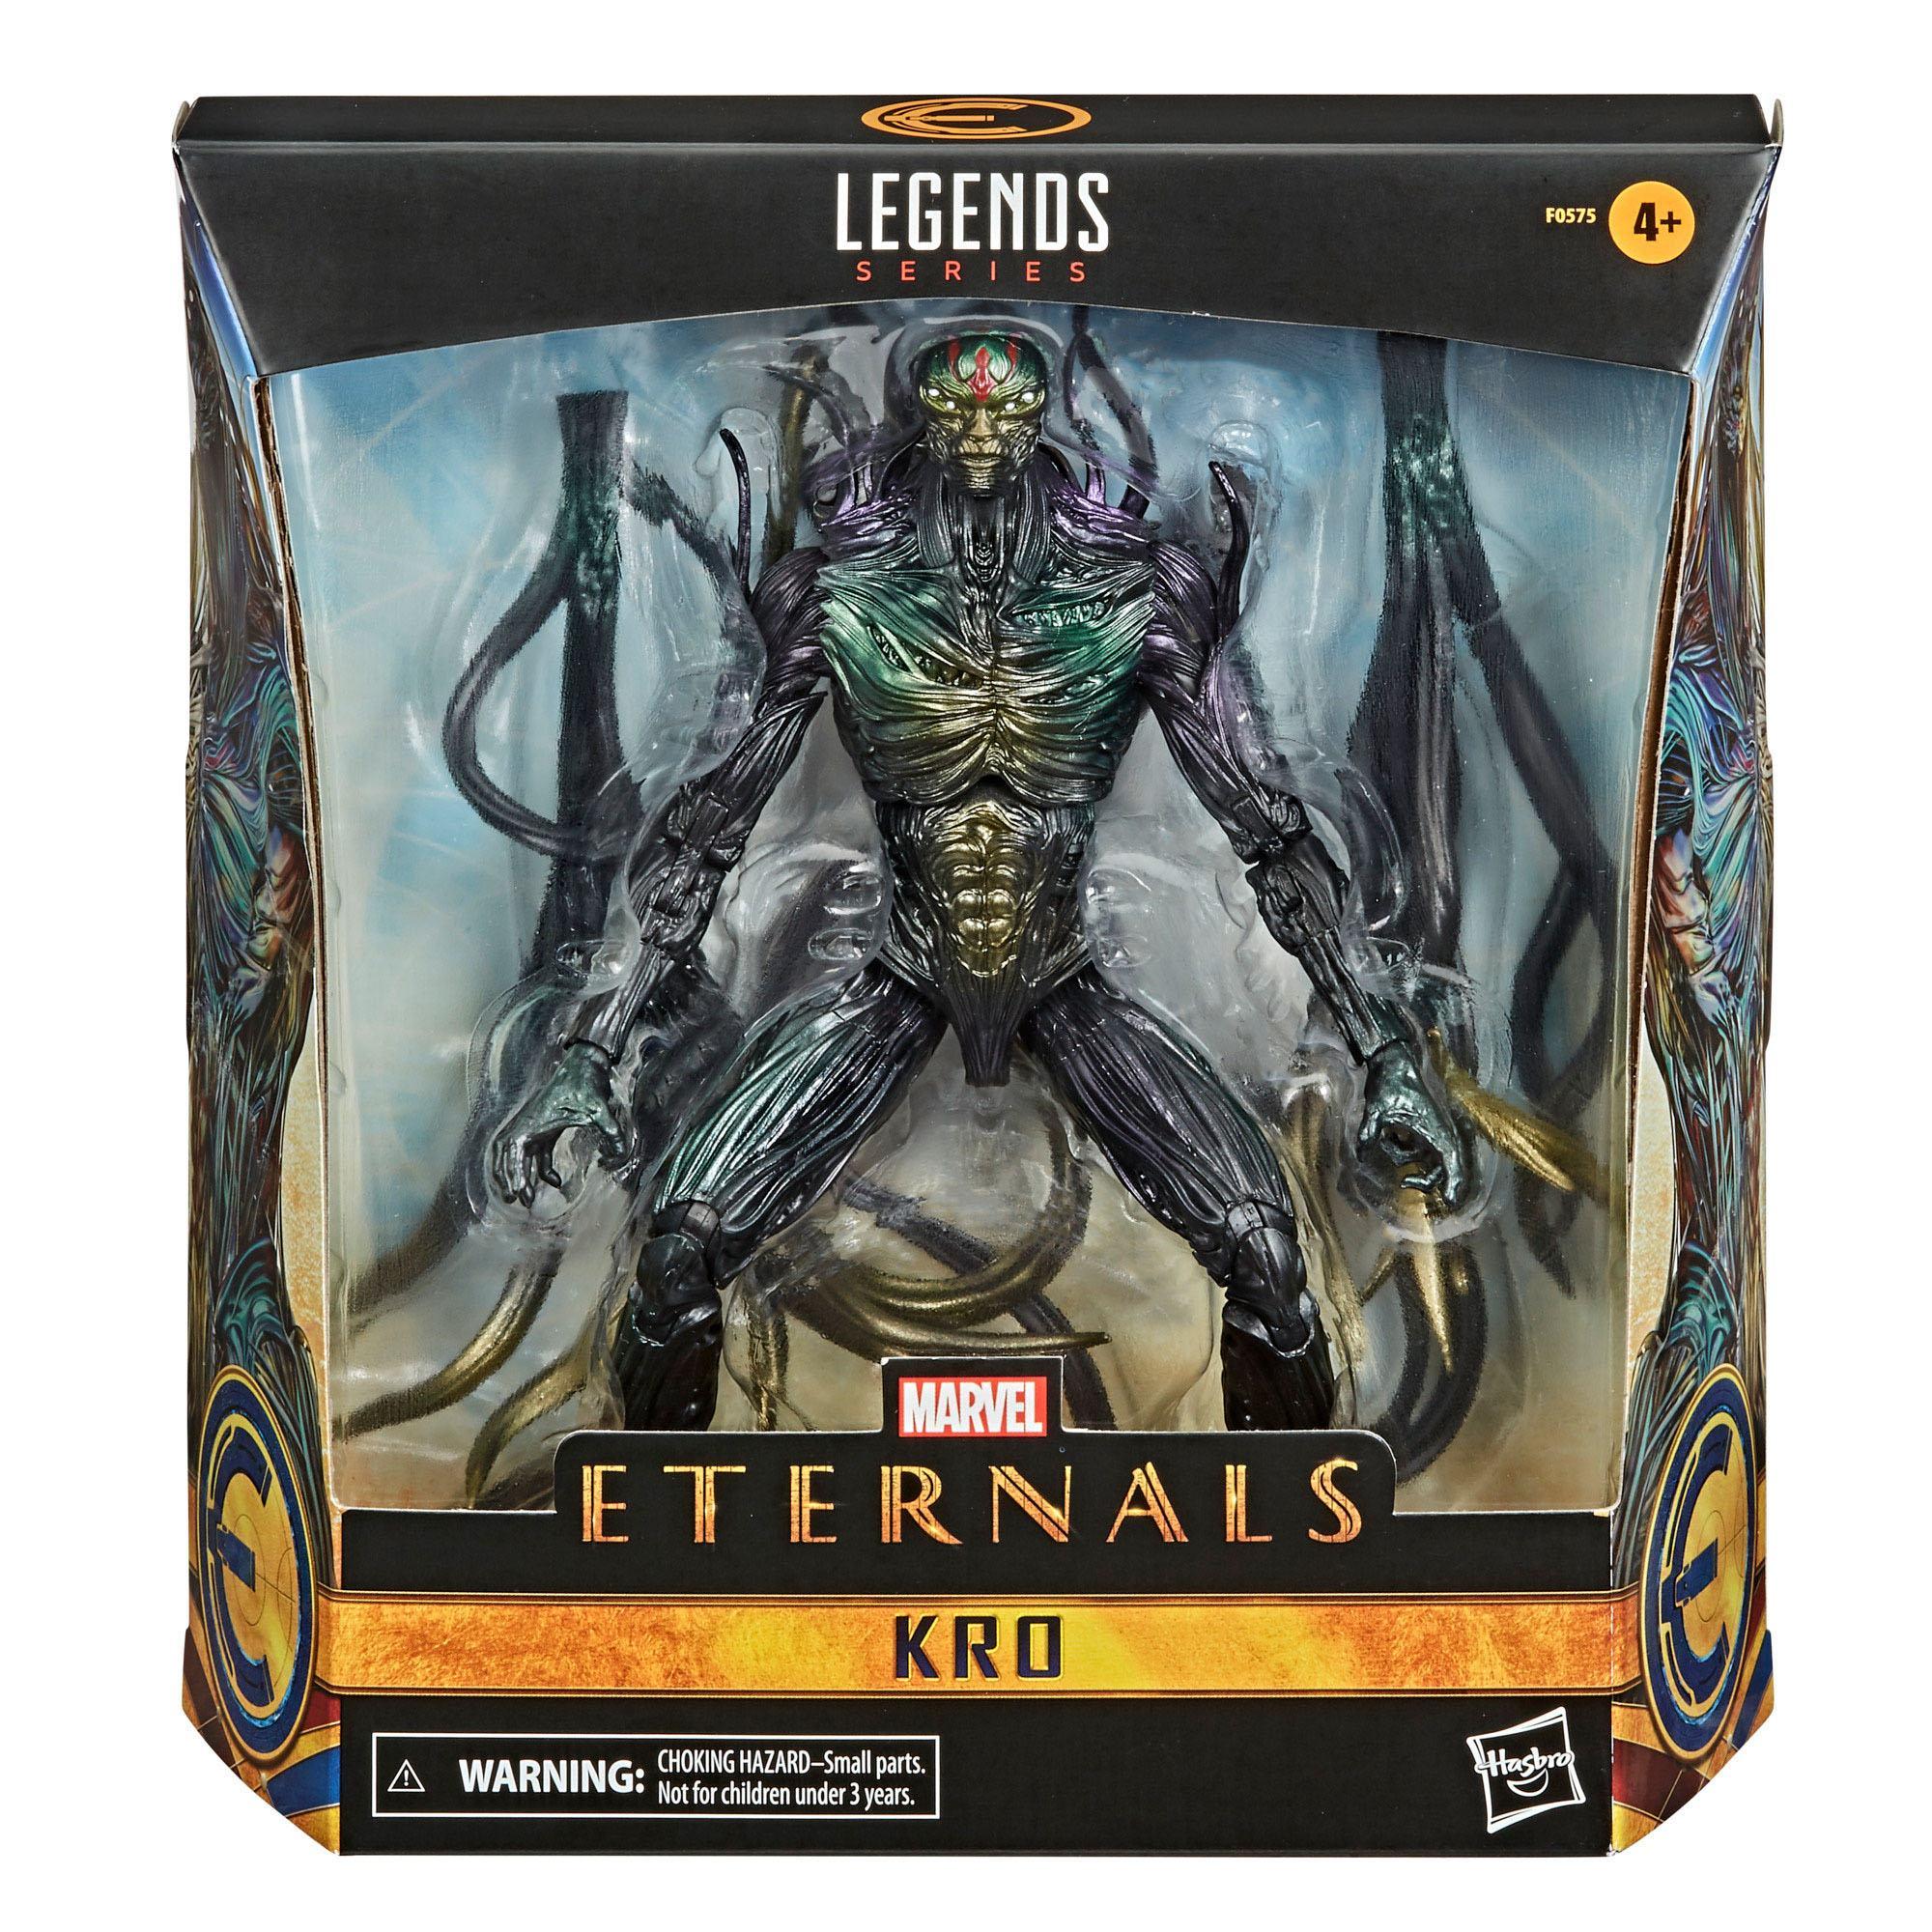 Eternals Marvel Legens Series Deluxe Actionfigur Kro 15 cm HASF0575 5010993749713